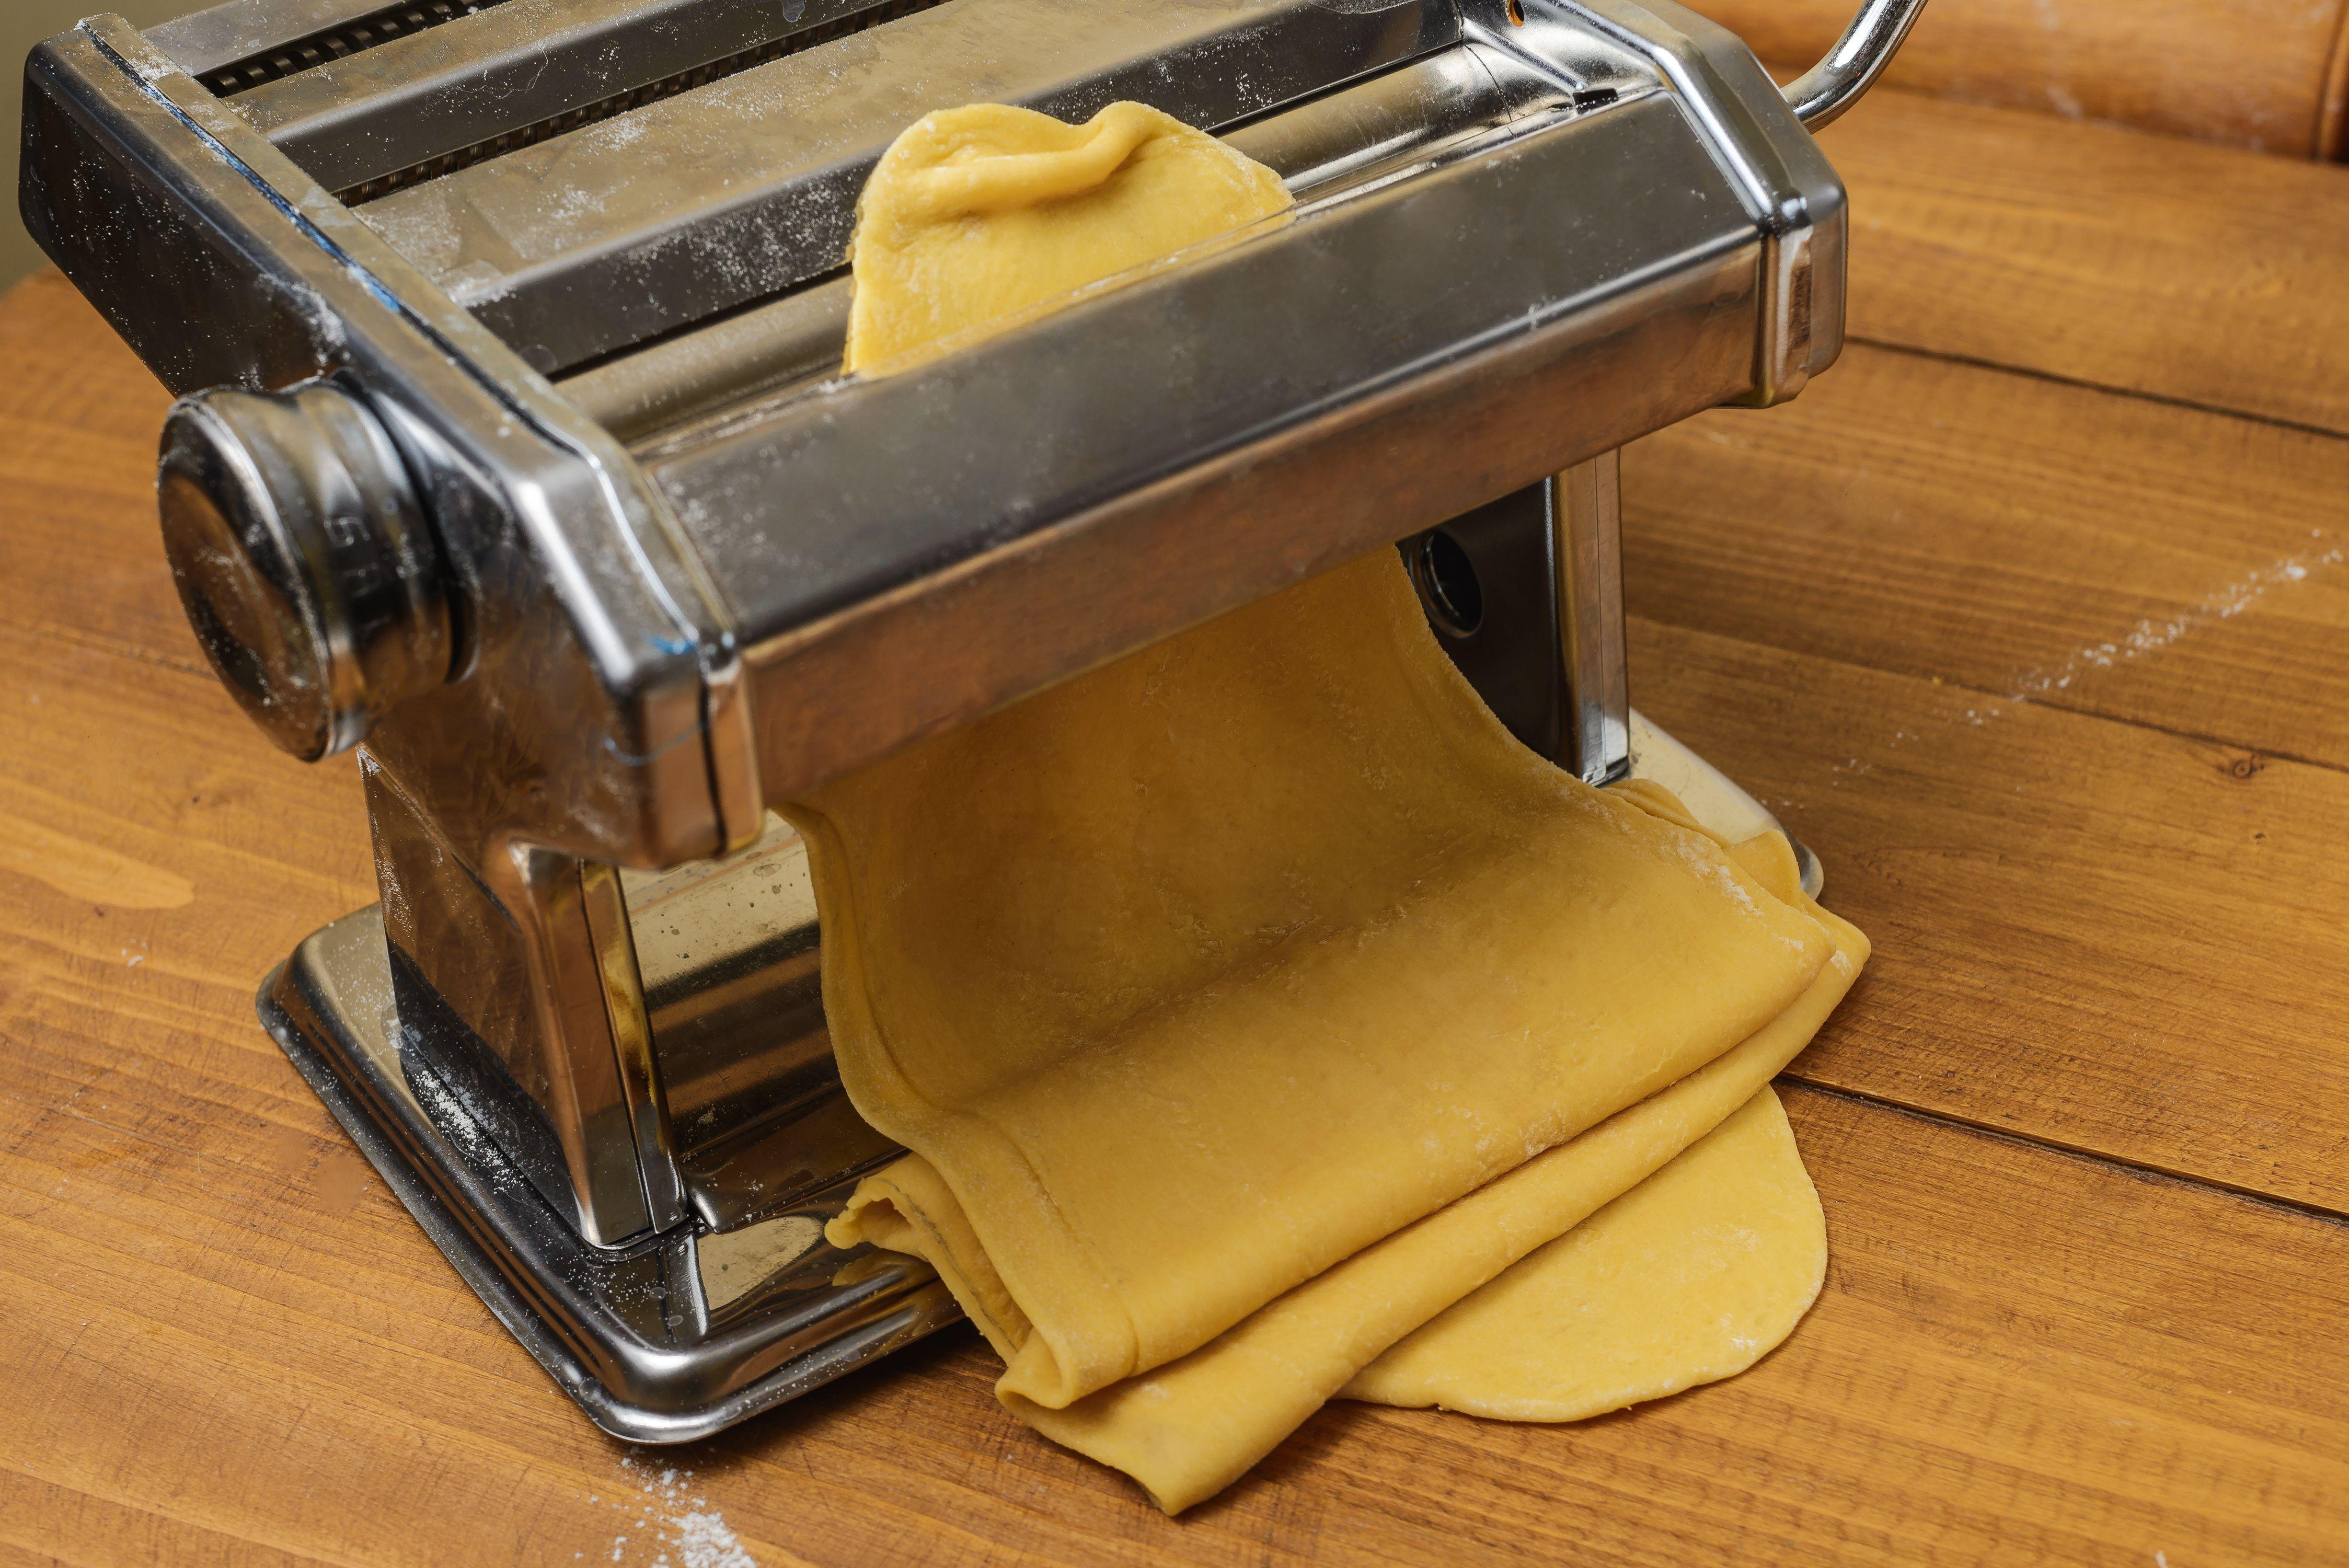 Roll dough to thin sheet